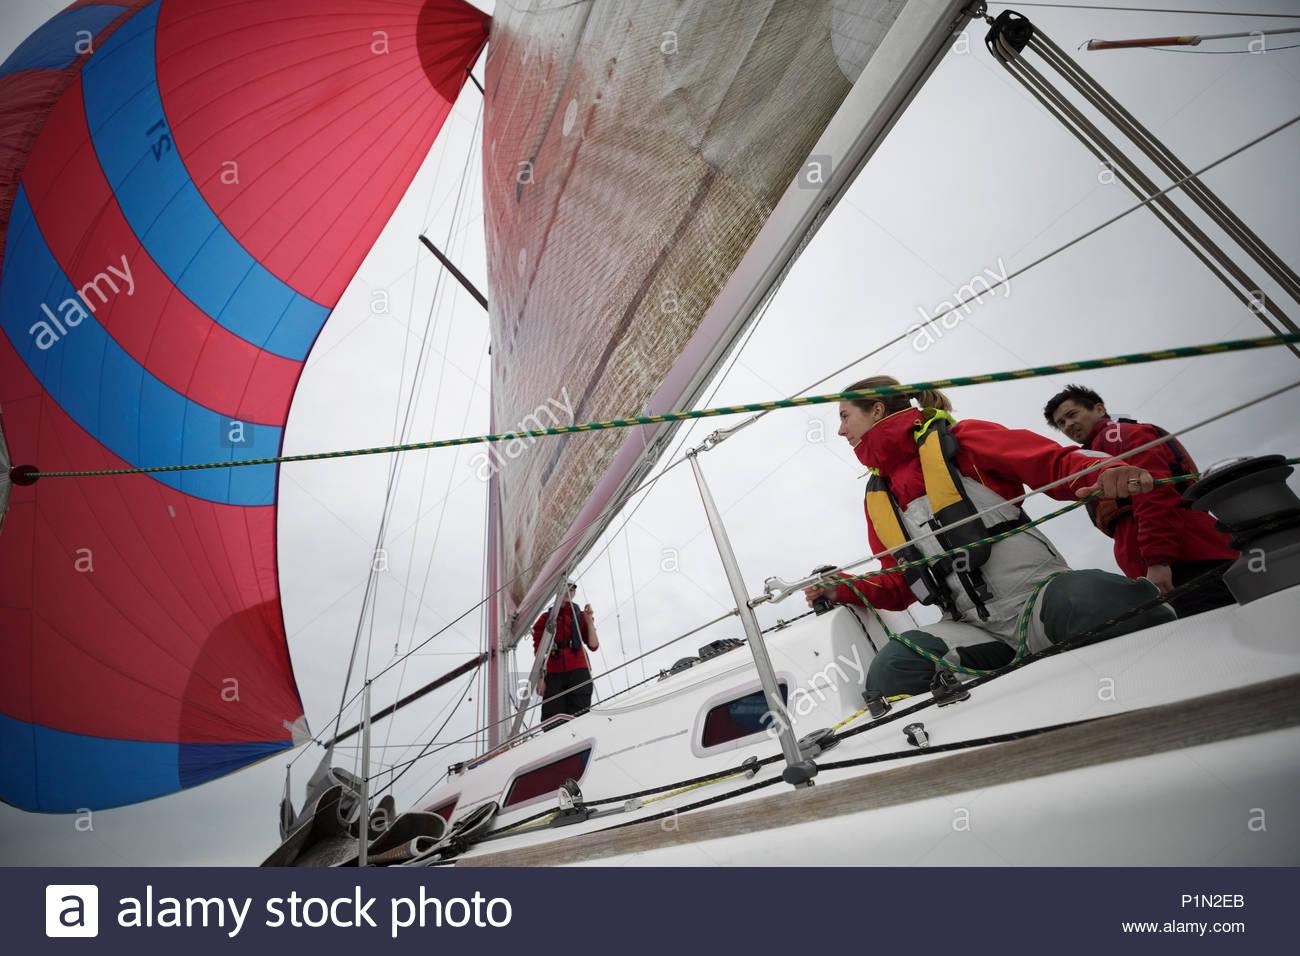 Réglage de l'équipe de voile sail on sailboat Photo Stock